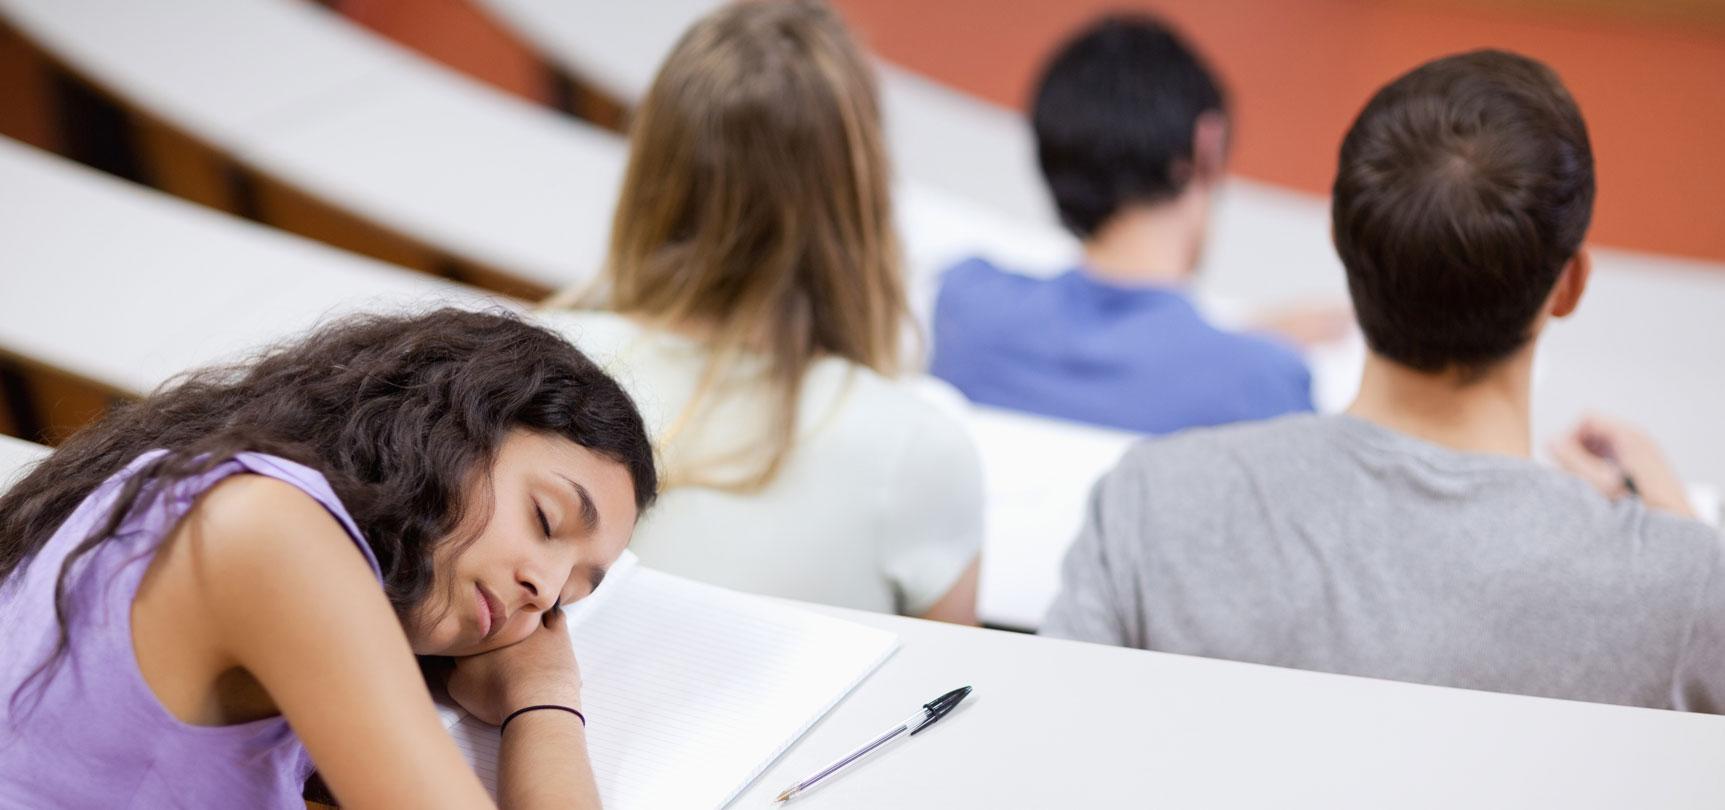 sleep in class 1725x810 19140